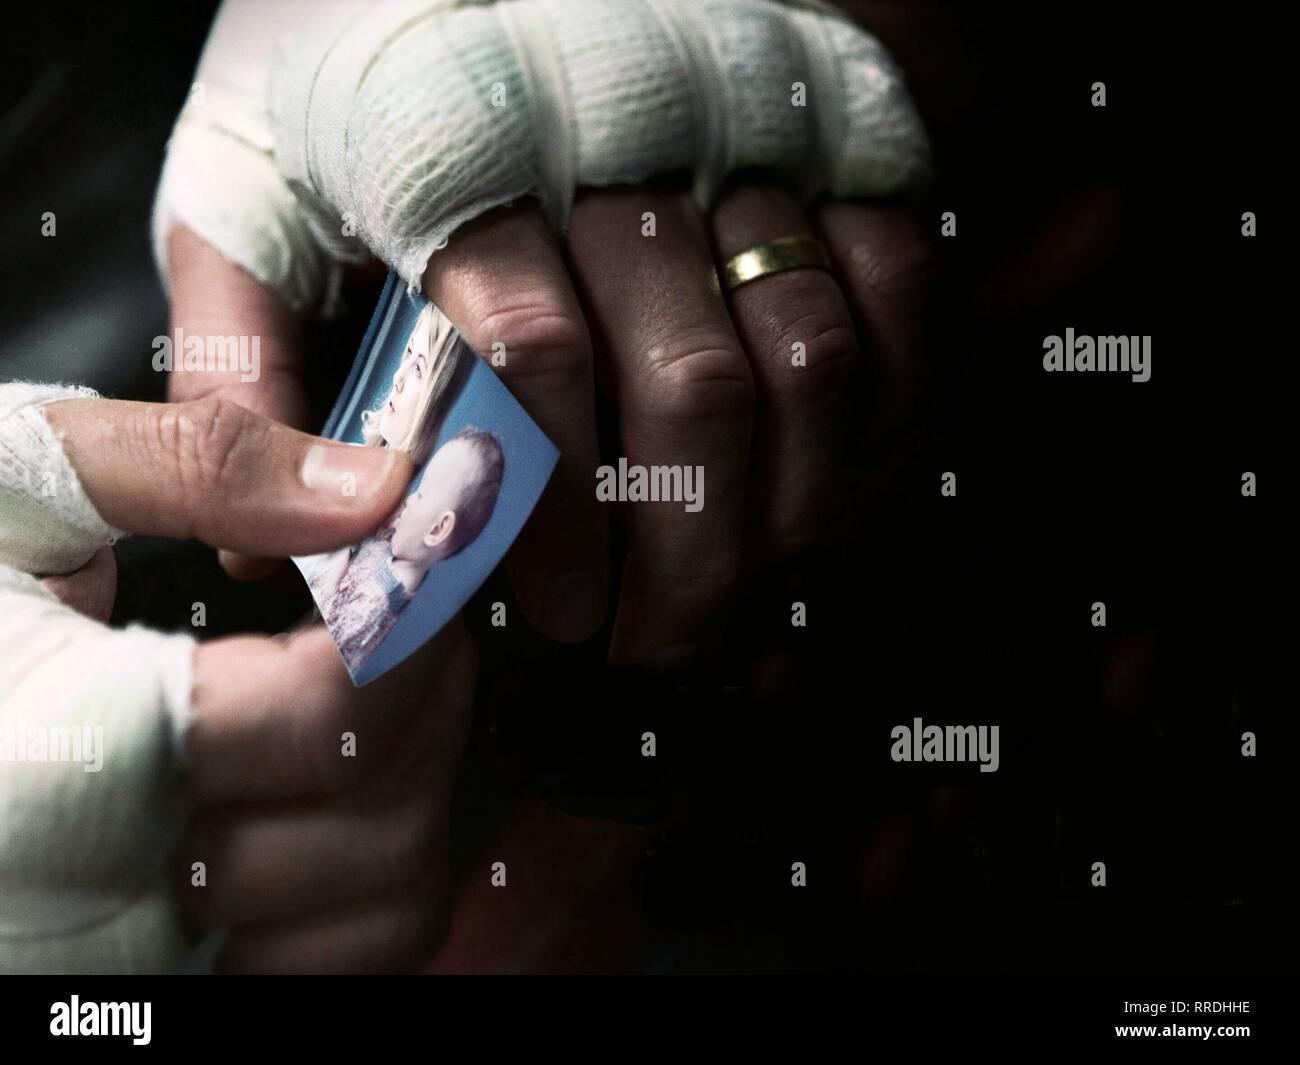 JOURNEYMAN, BANDAGED HANDS , PHOTOGRAPH, 2017 - Stock Image